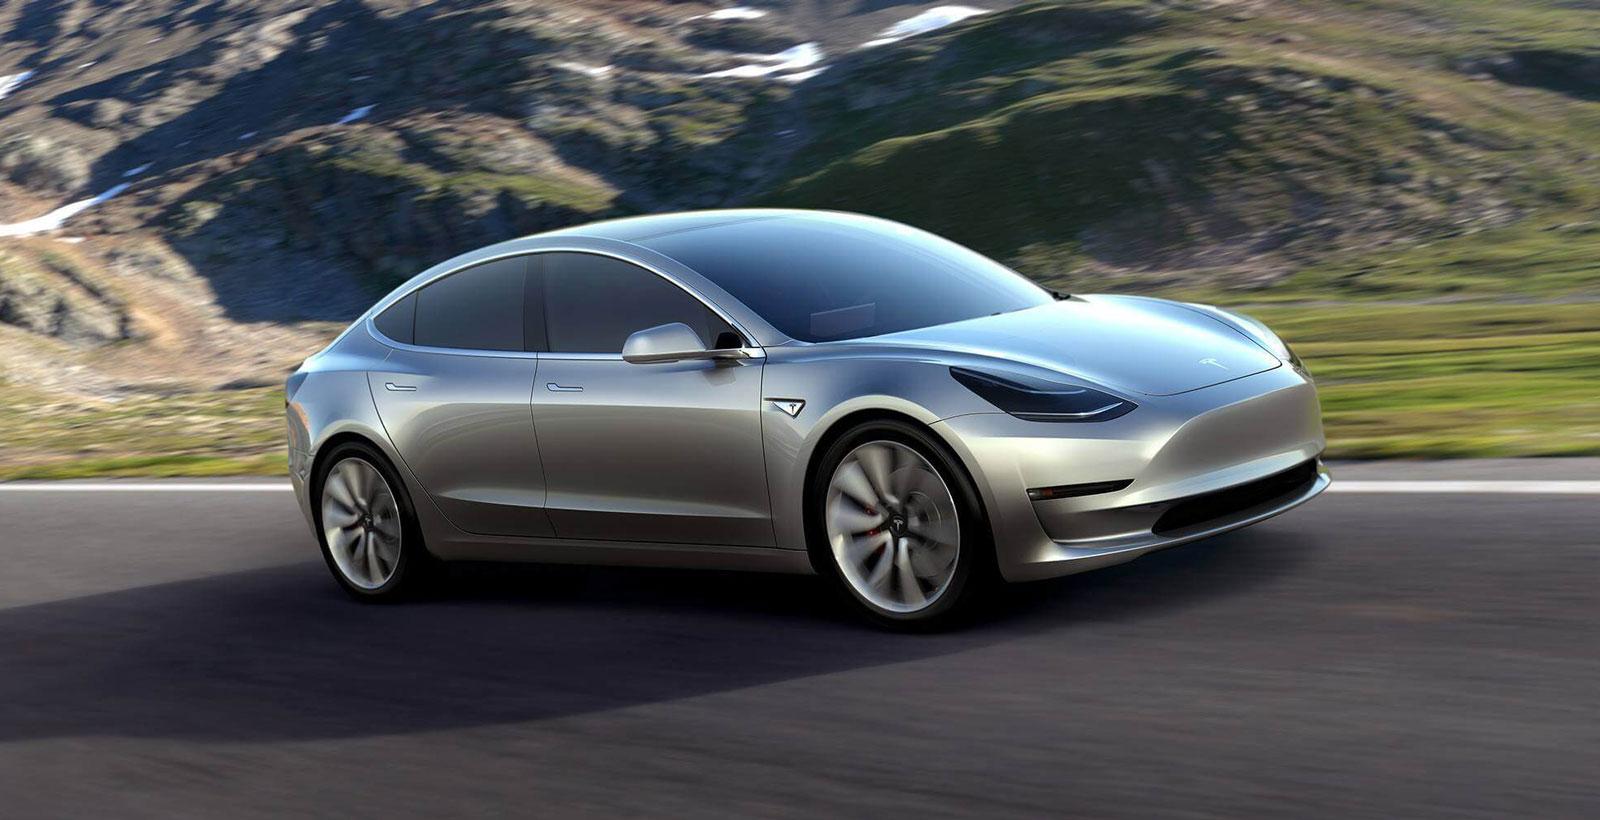 La Tesla Model3, qui devrait être commercialisée à la fin de 2017.